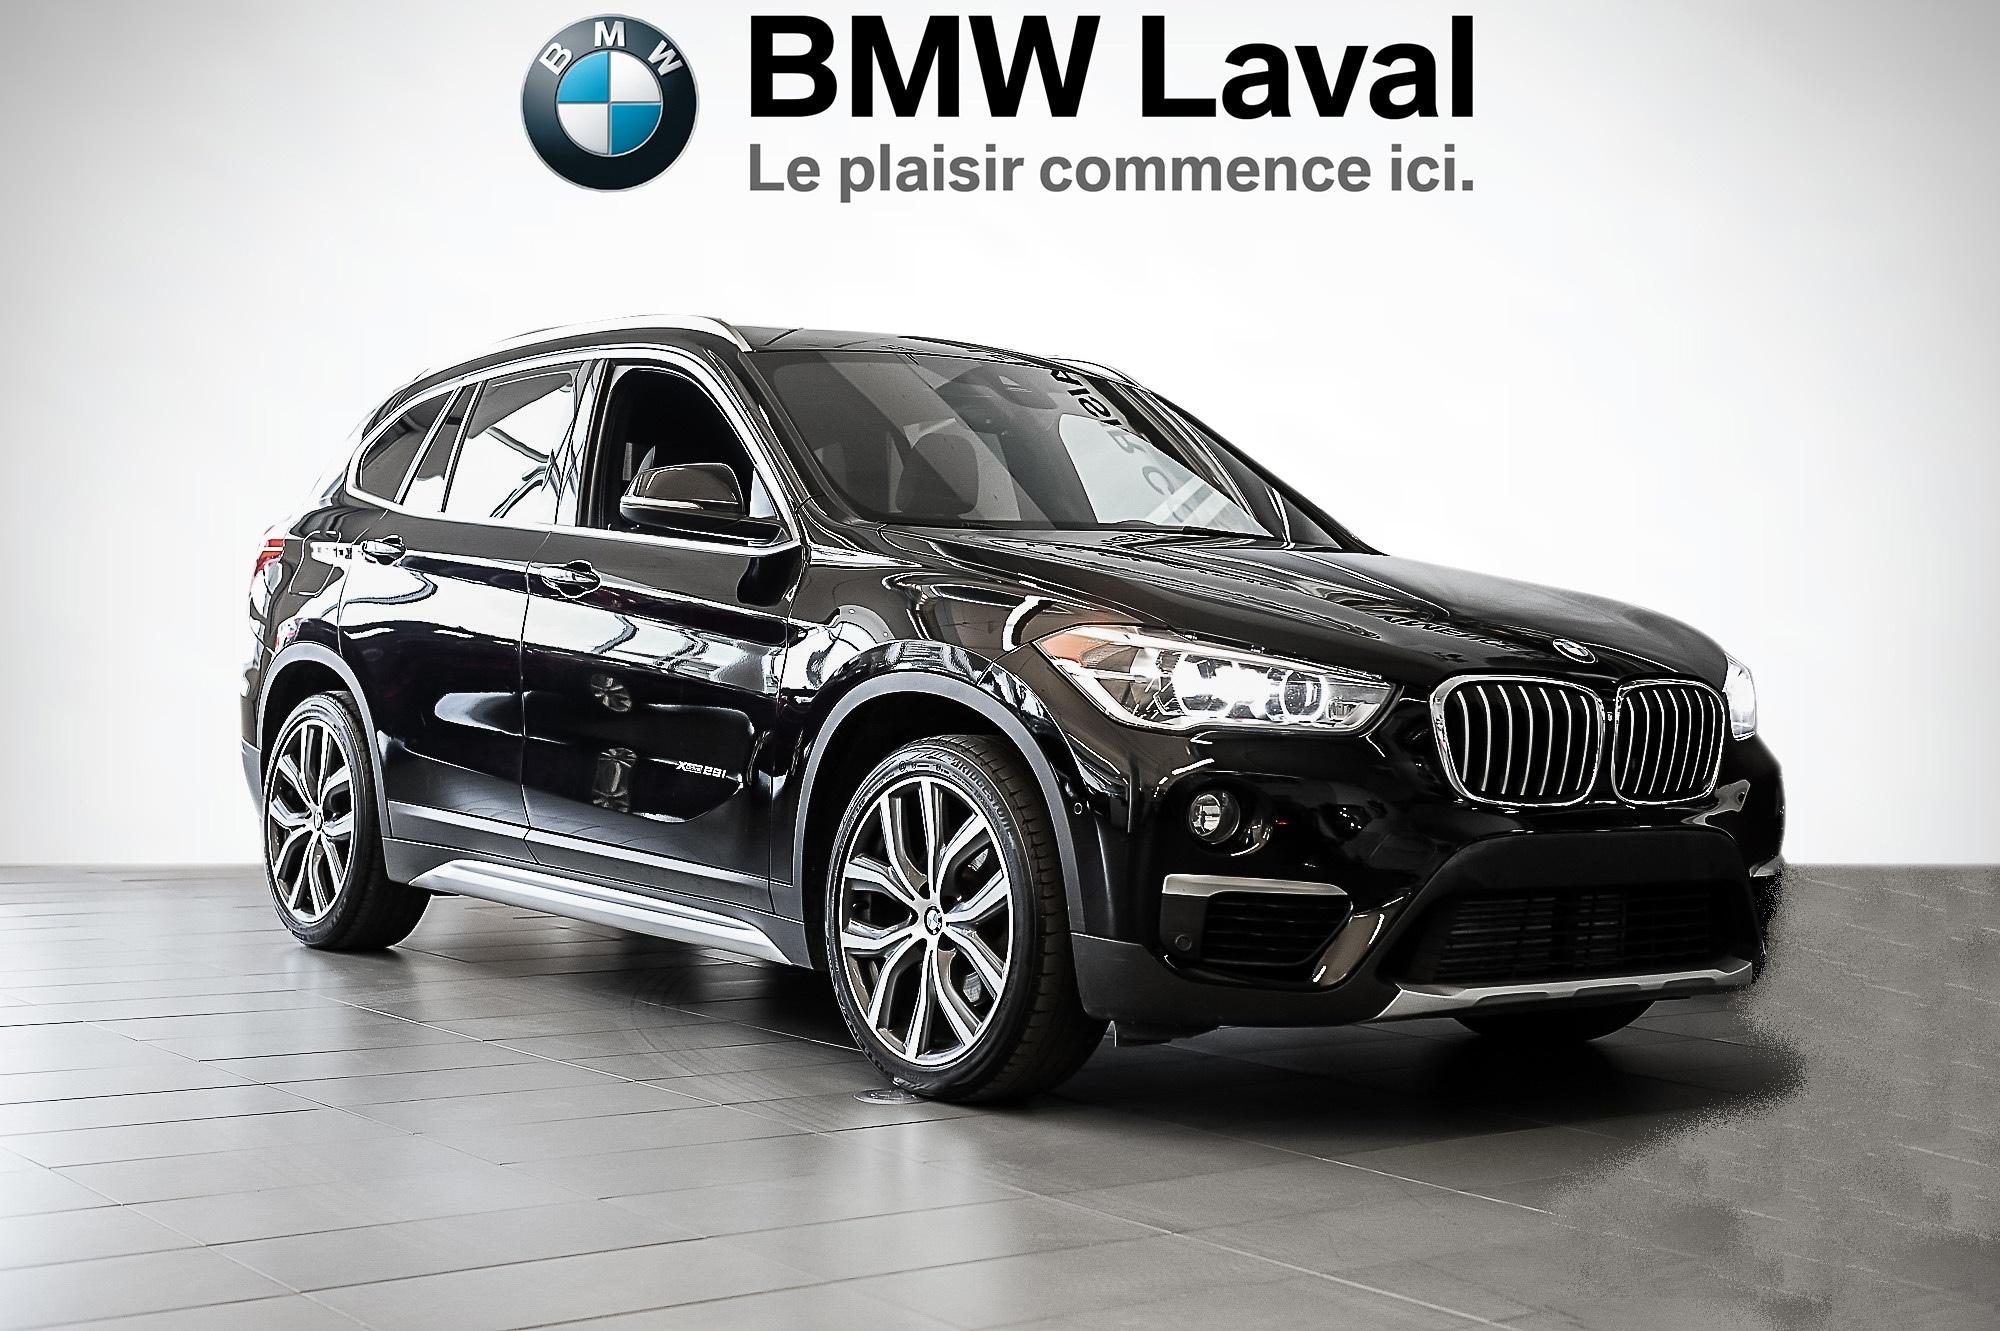 2016 BMW X1 xDrive28i GROUPE SUPÉRIEUR AMÉLIOR&E AWD  xDrive28i